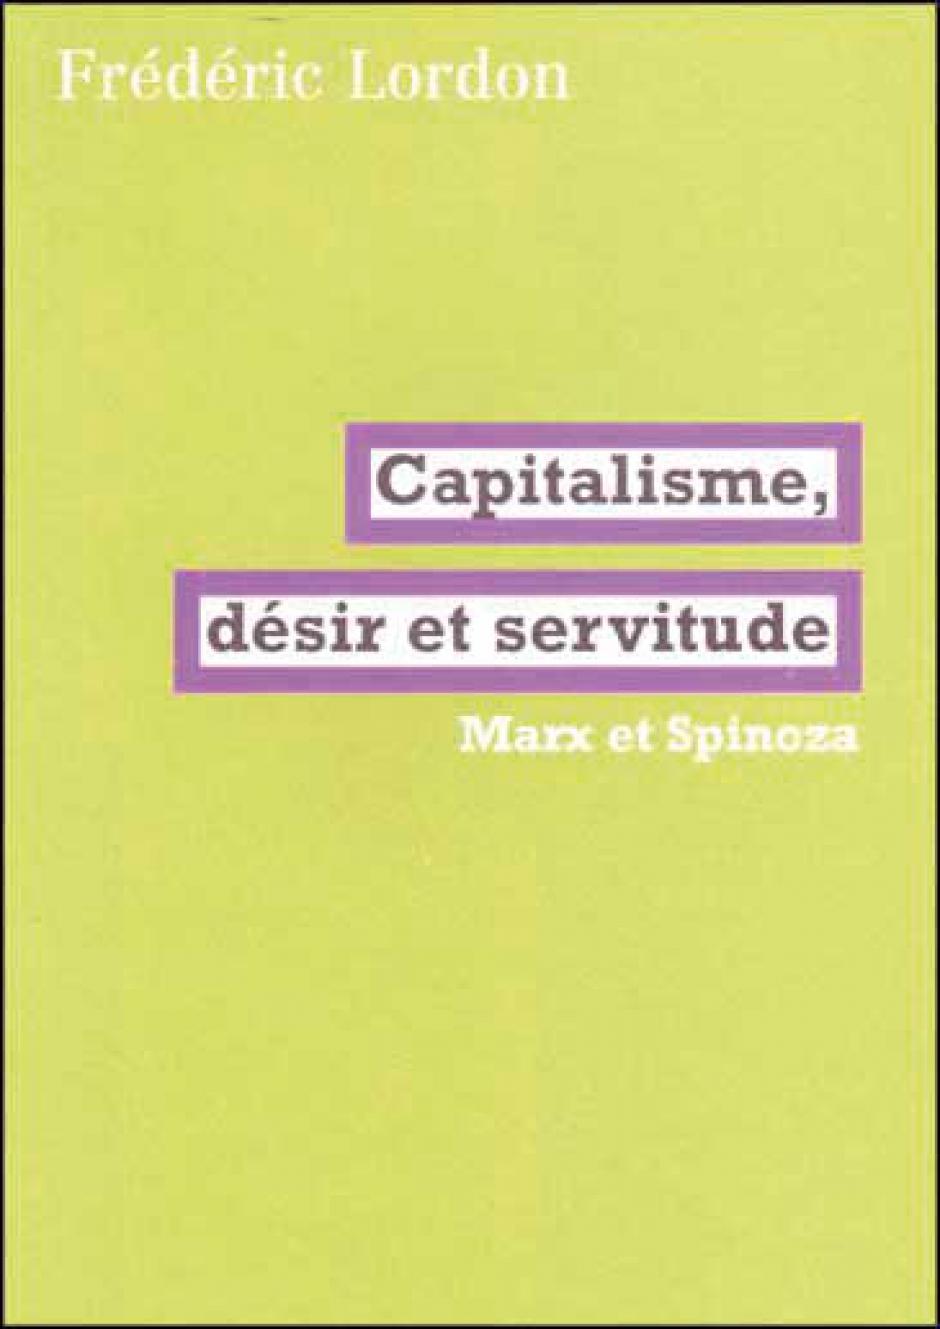 Capitalisme, désir et servitudes, Frédéric Lordon